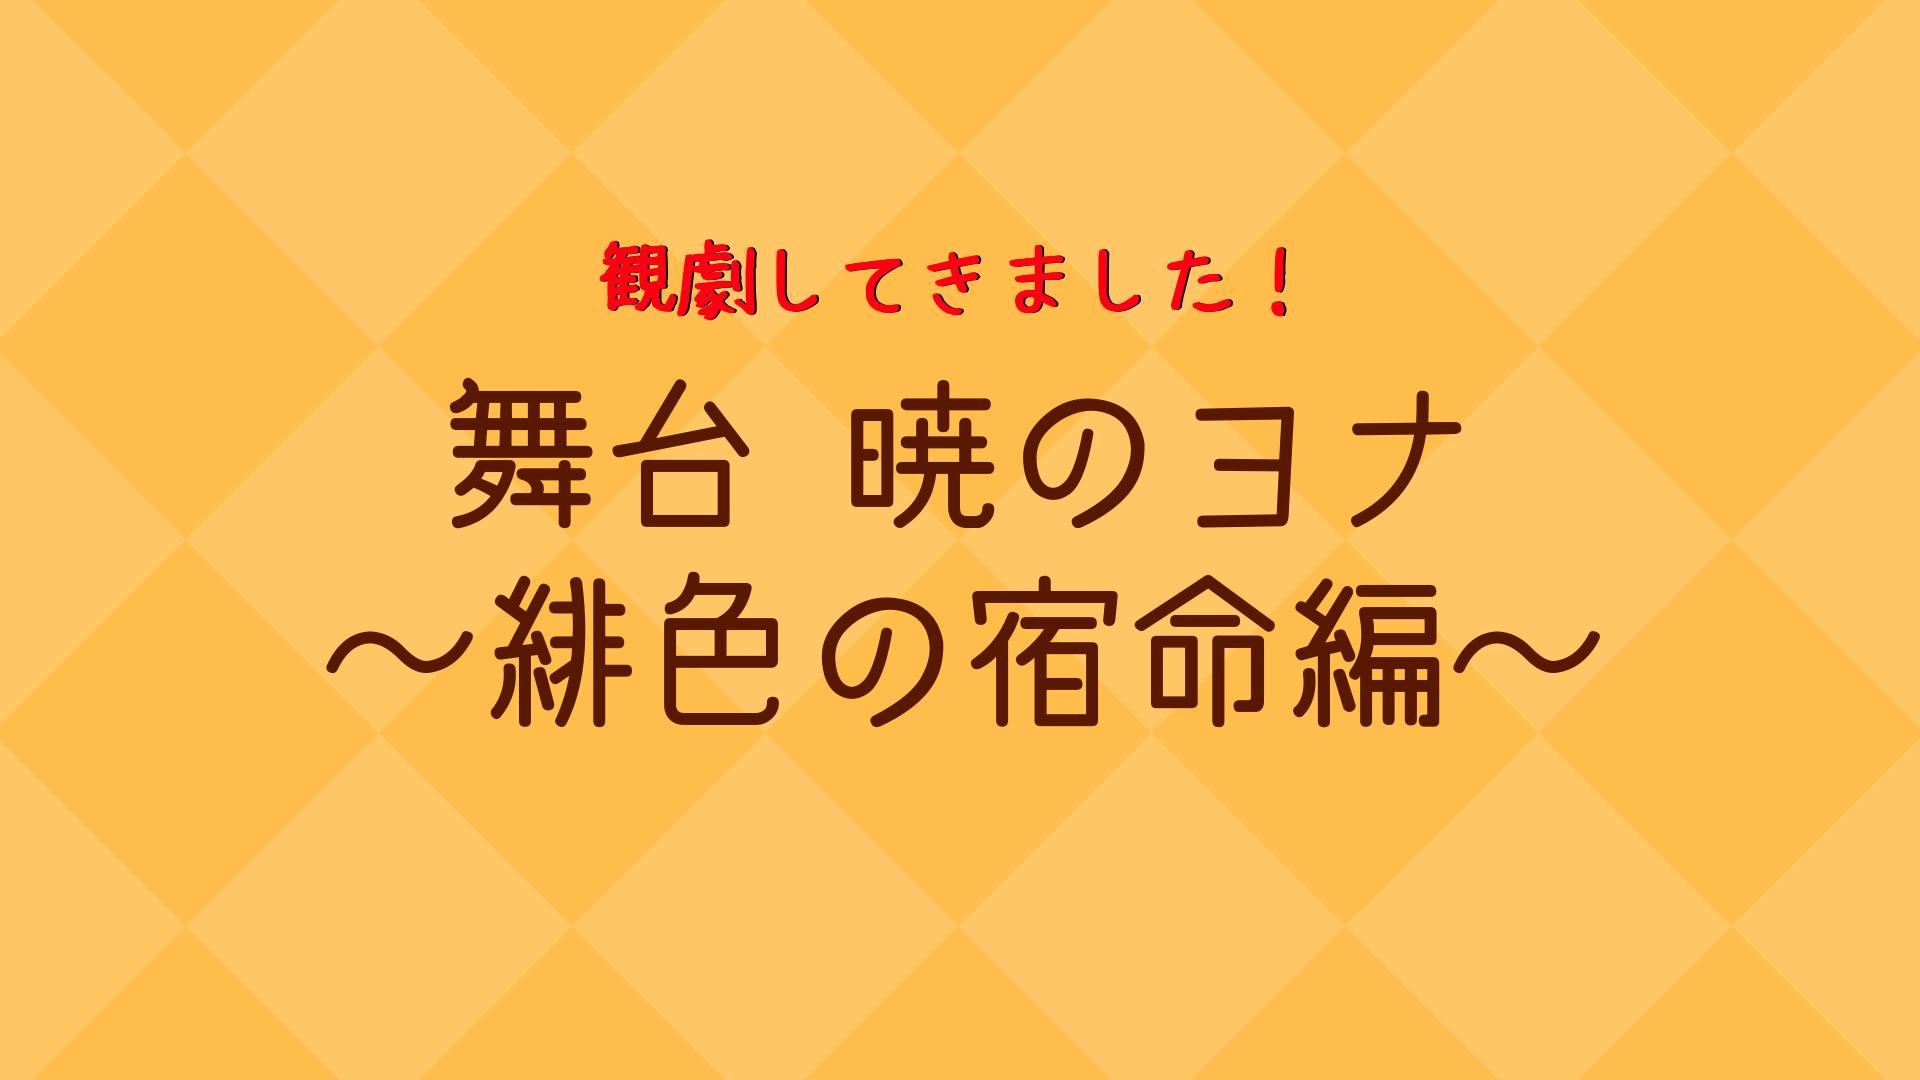 暁のヨナ2018観劇レポ!感想&あらすじ【2018年11月23日観劇】